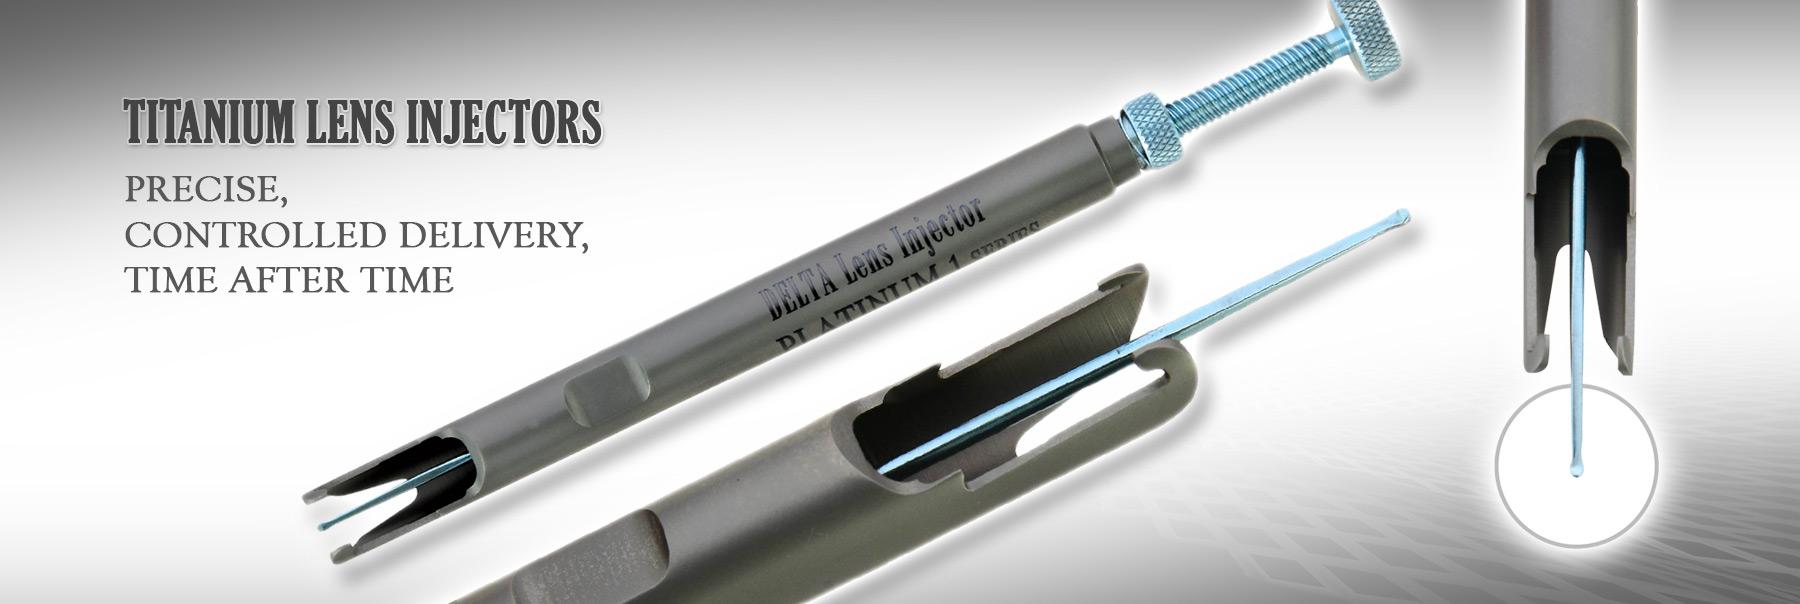 Titanium Lens Injectors